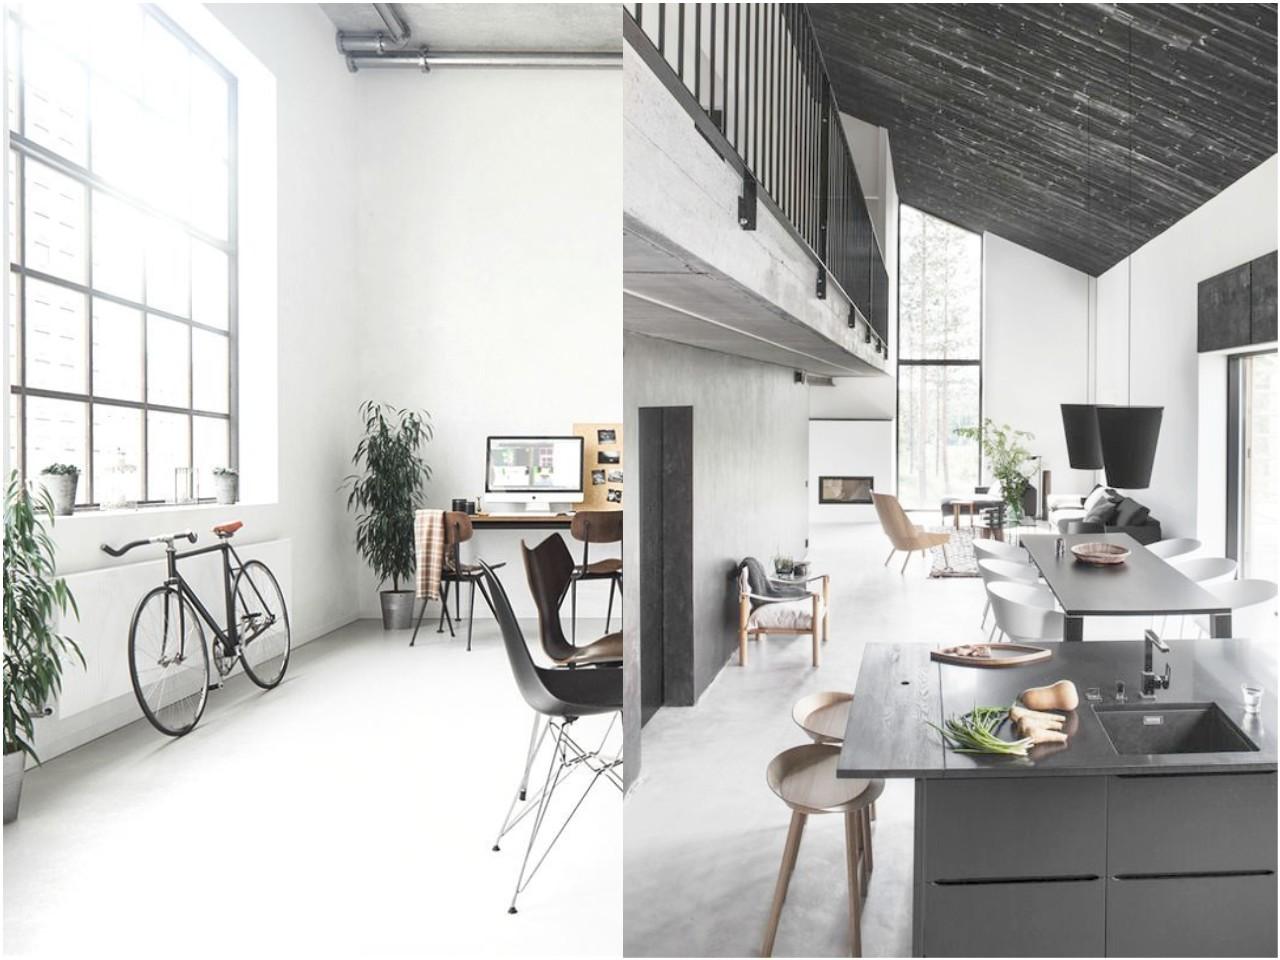 7 claves de dise o de interiores minimalista for Diseno de interiores hermosillo